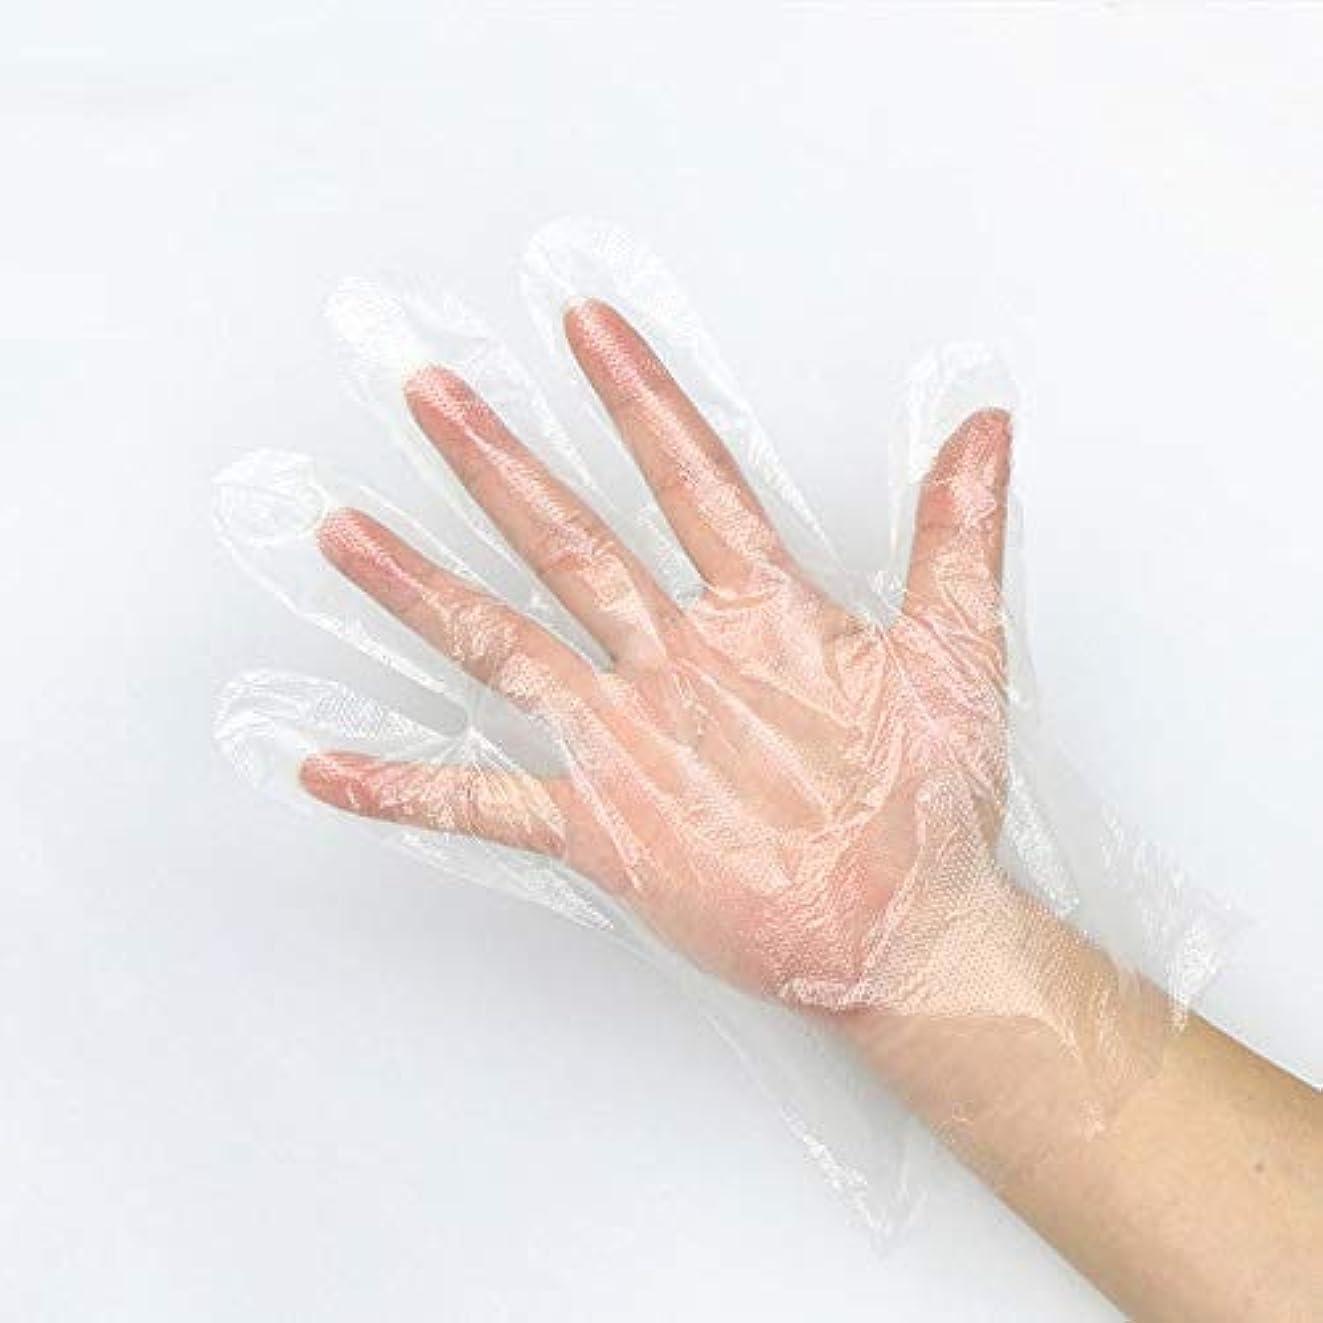 非行チューインガム帰る使い捨てのPEフィルム透明手袋1000のみ - 食品加工美容室キッチン調理健康診断用 YANW (色 : A, サイズ さいず : 0.9G)